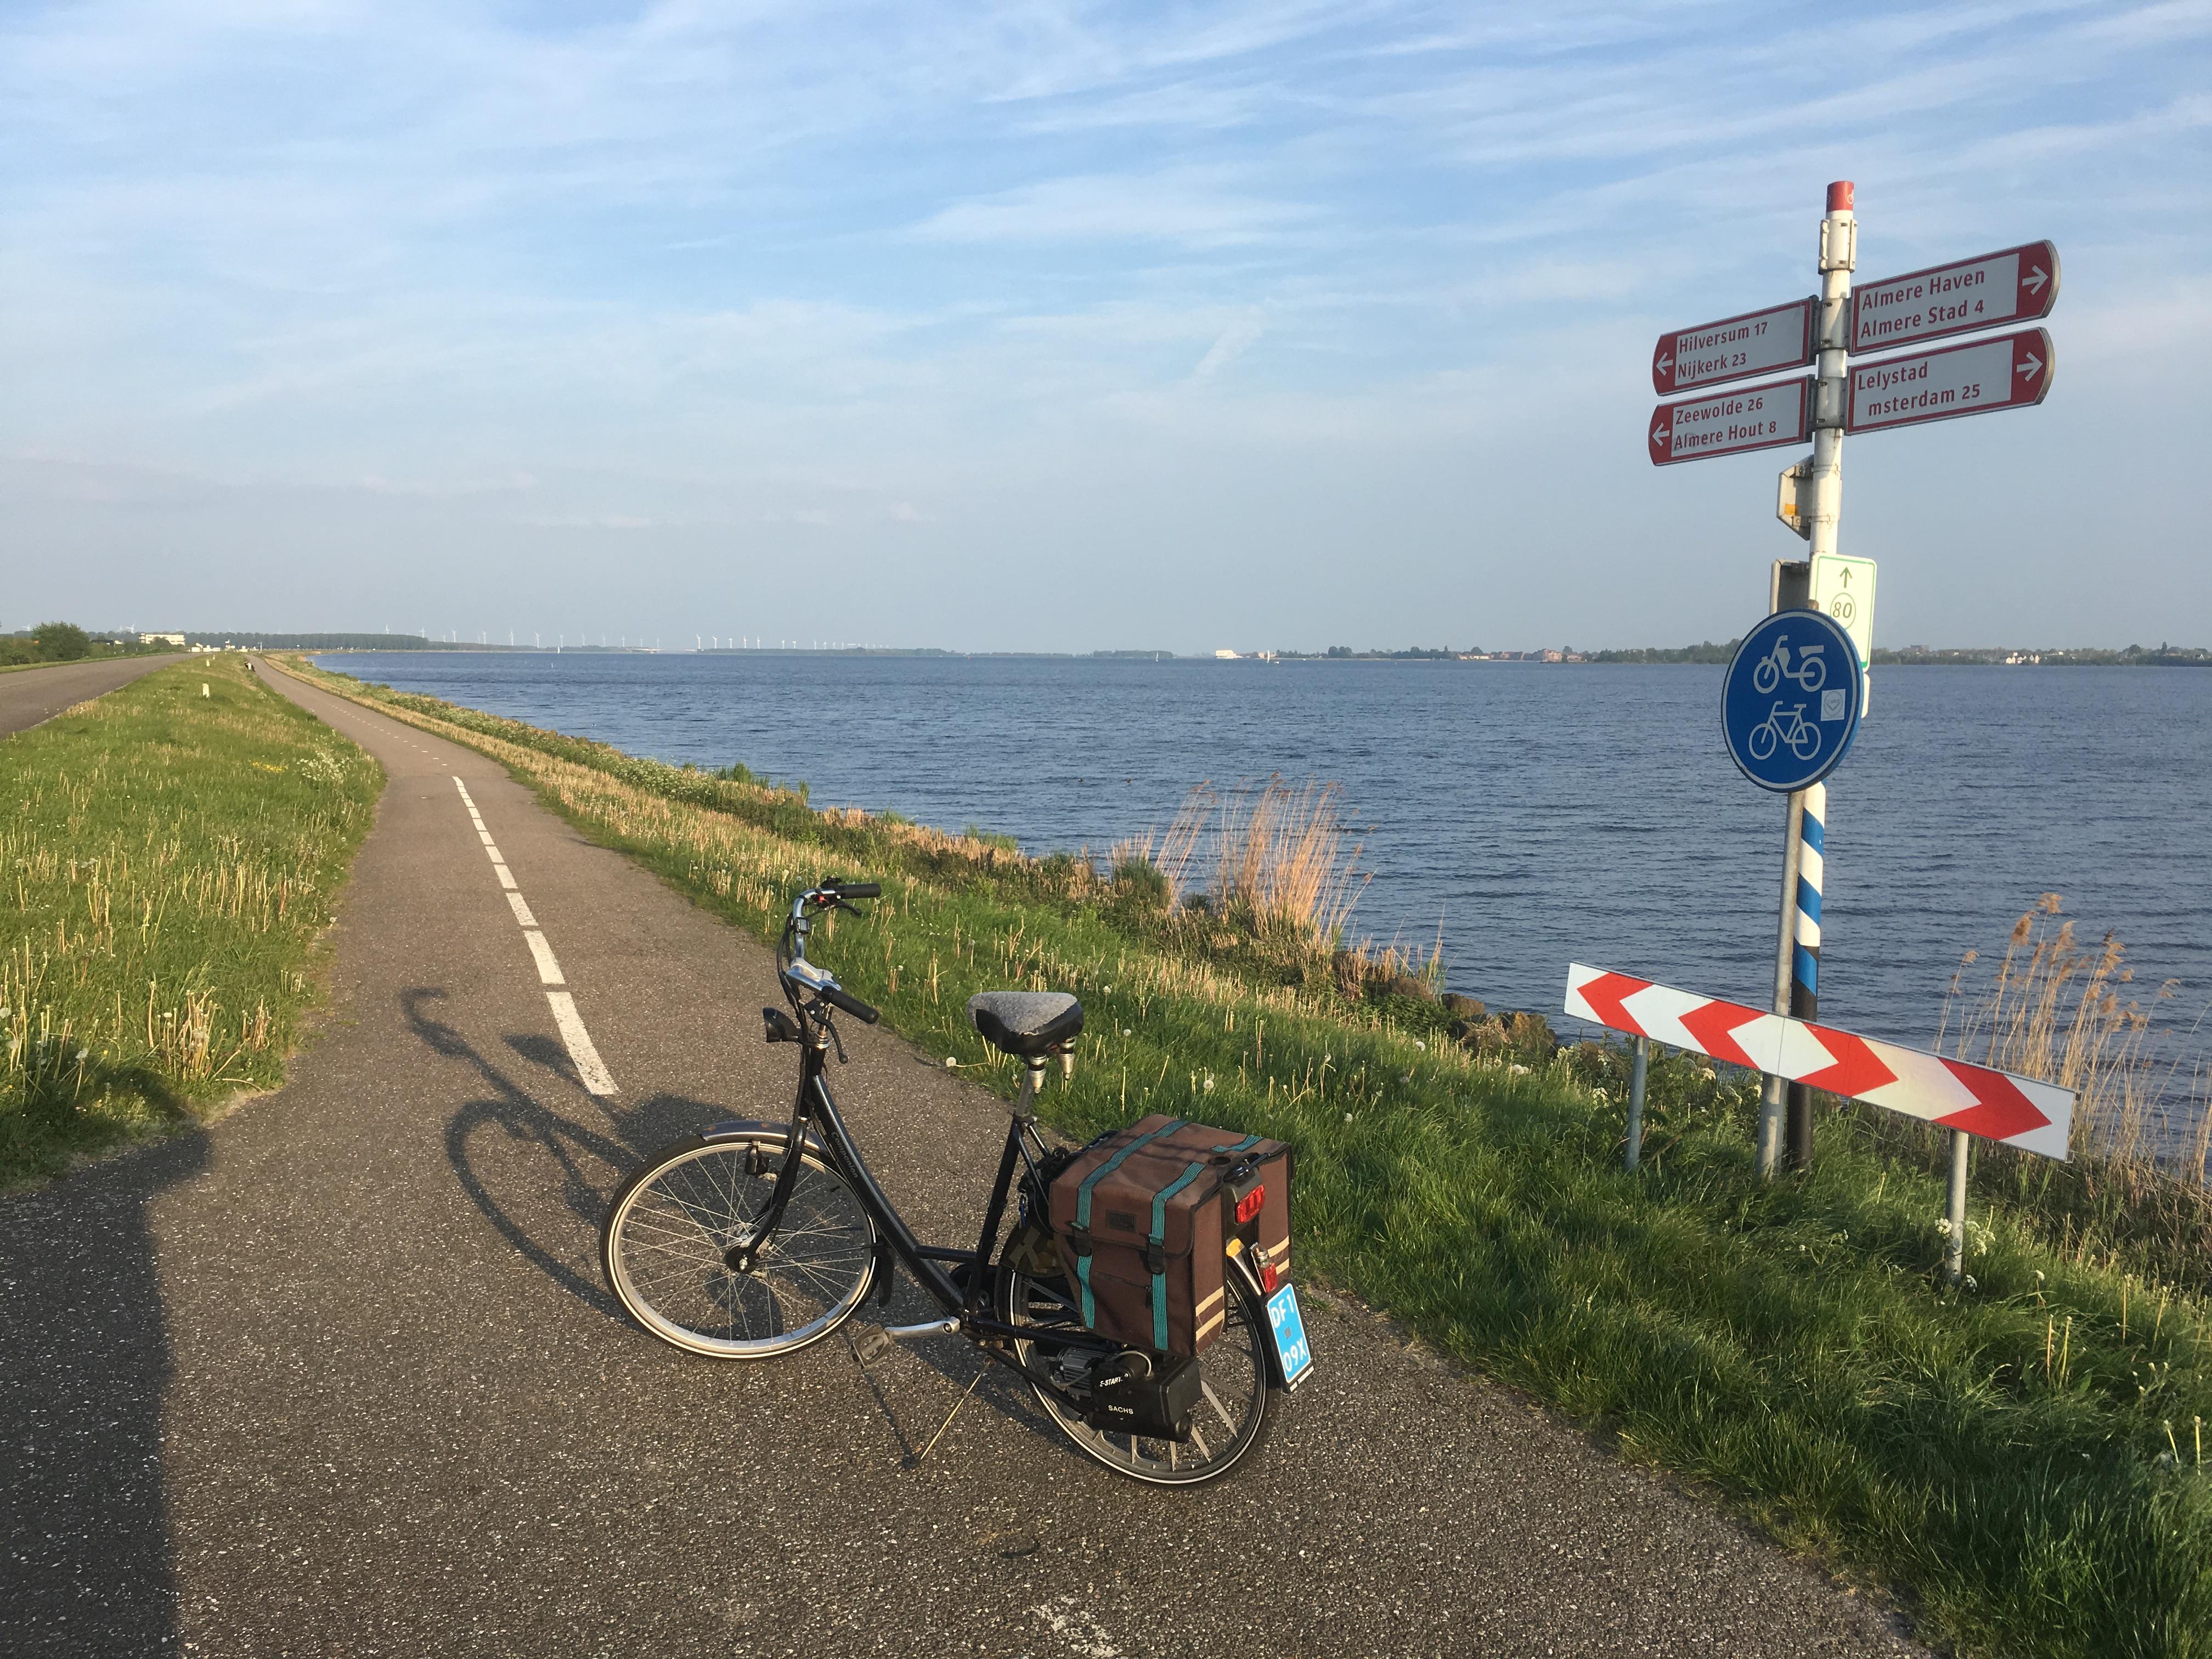 Northern Dijk Tour